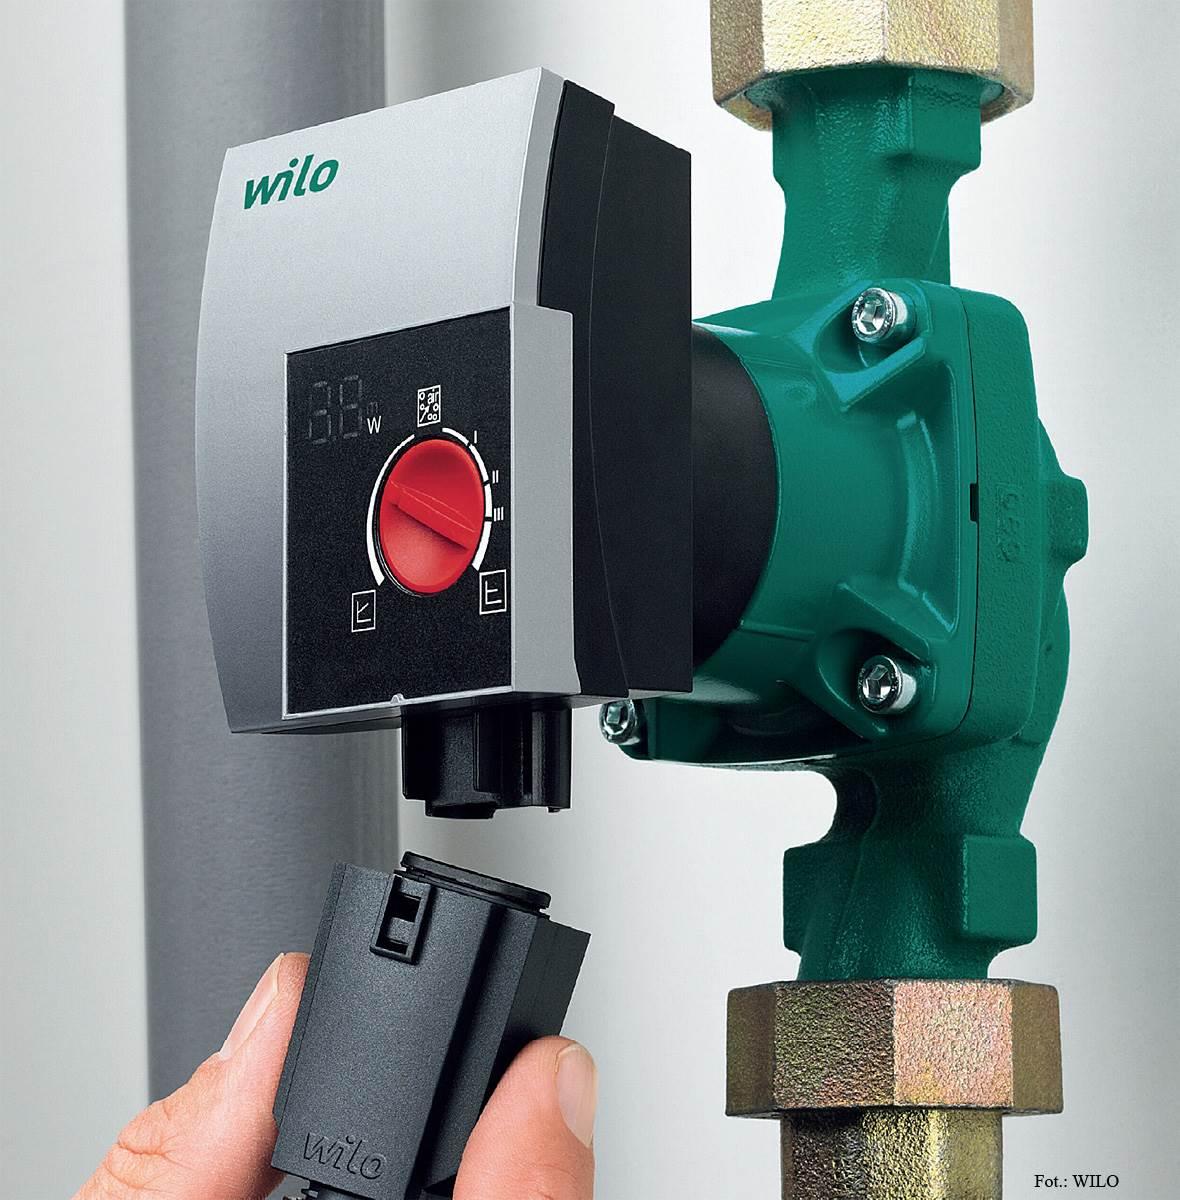 pompy obiegowe do instalacji klimatyzacyjnych i chlodniczych 4 - Pompy obiegowe do instalacji klimatyzacyjnych i chłodniczych